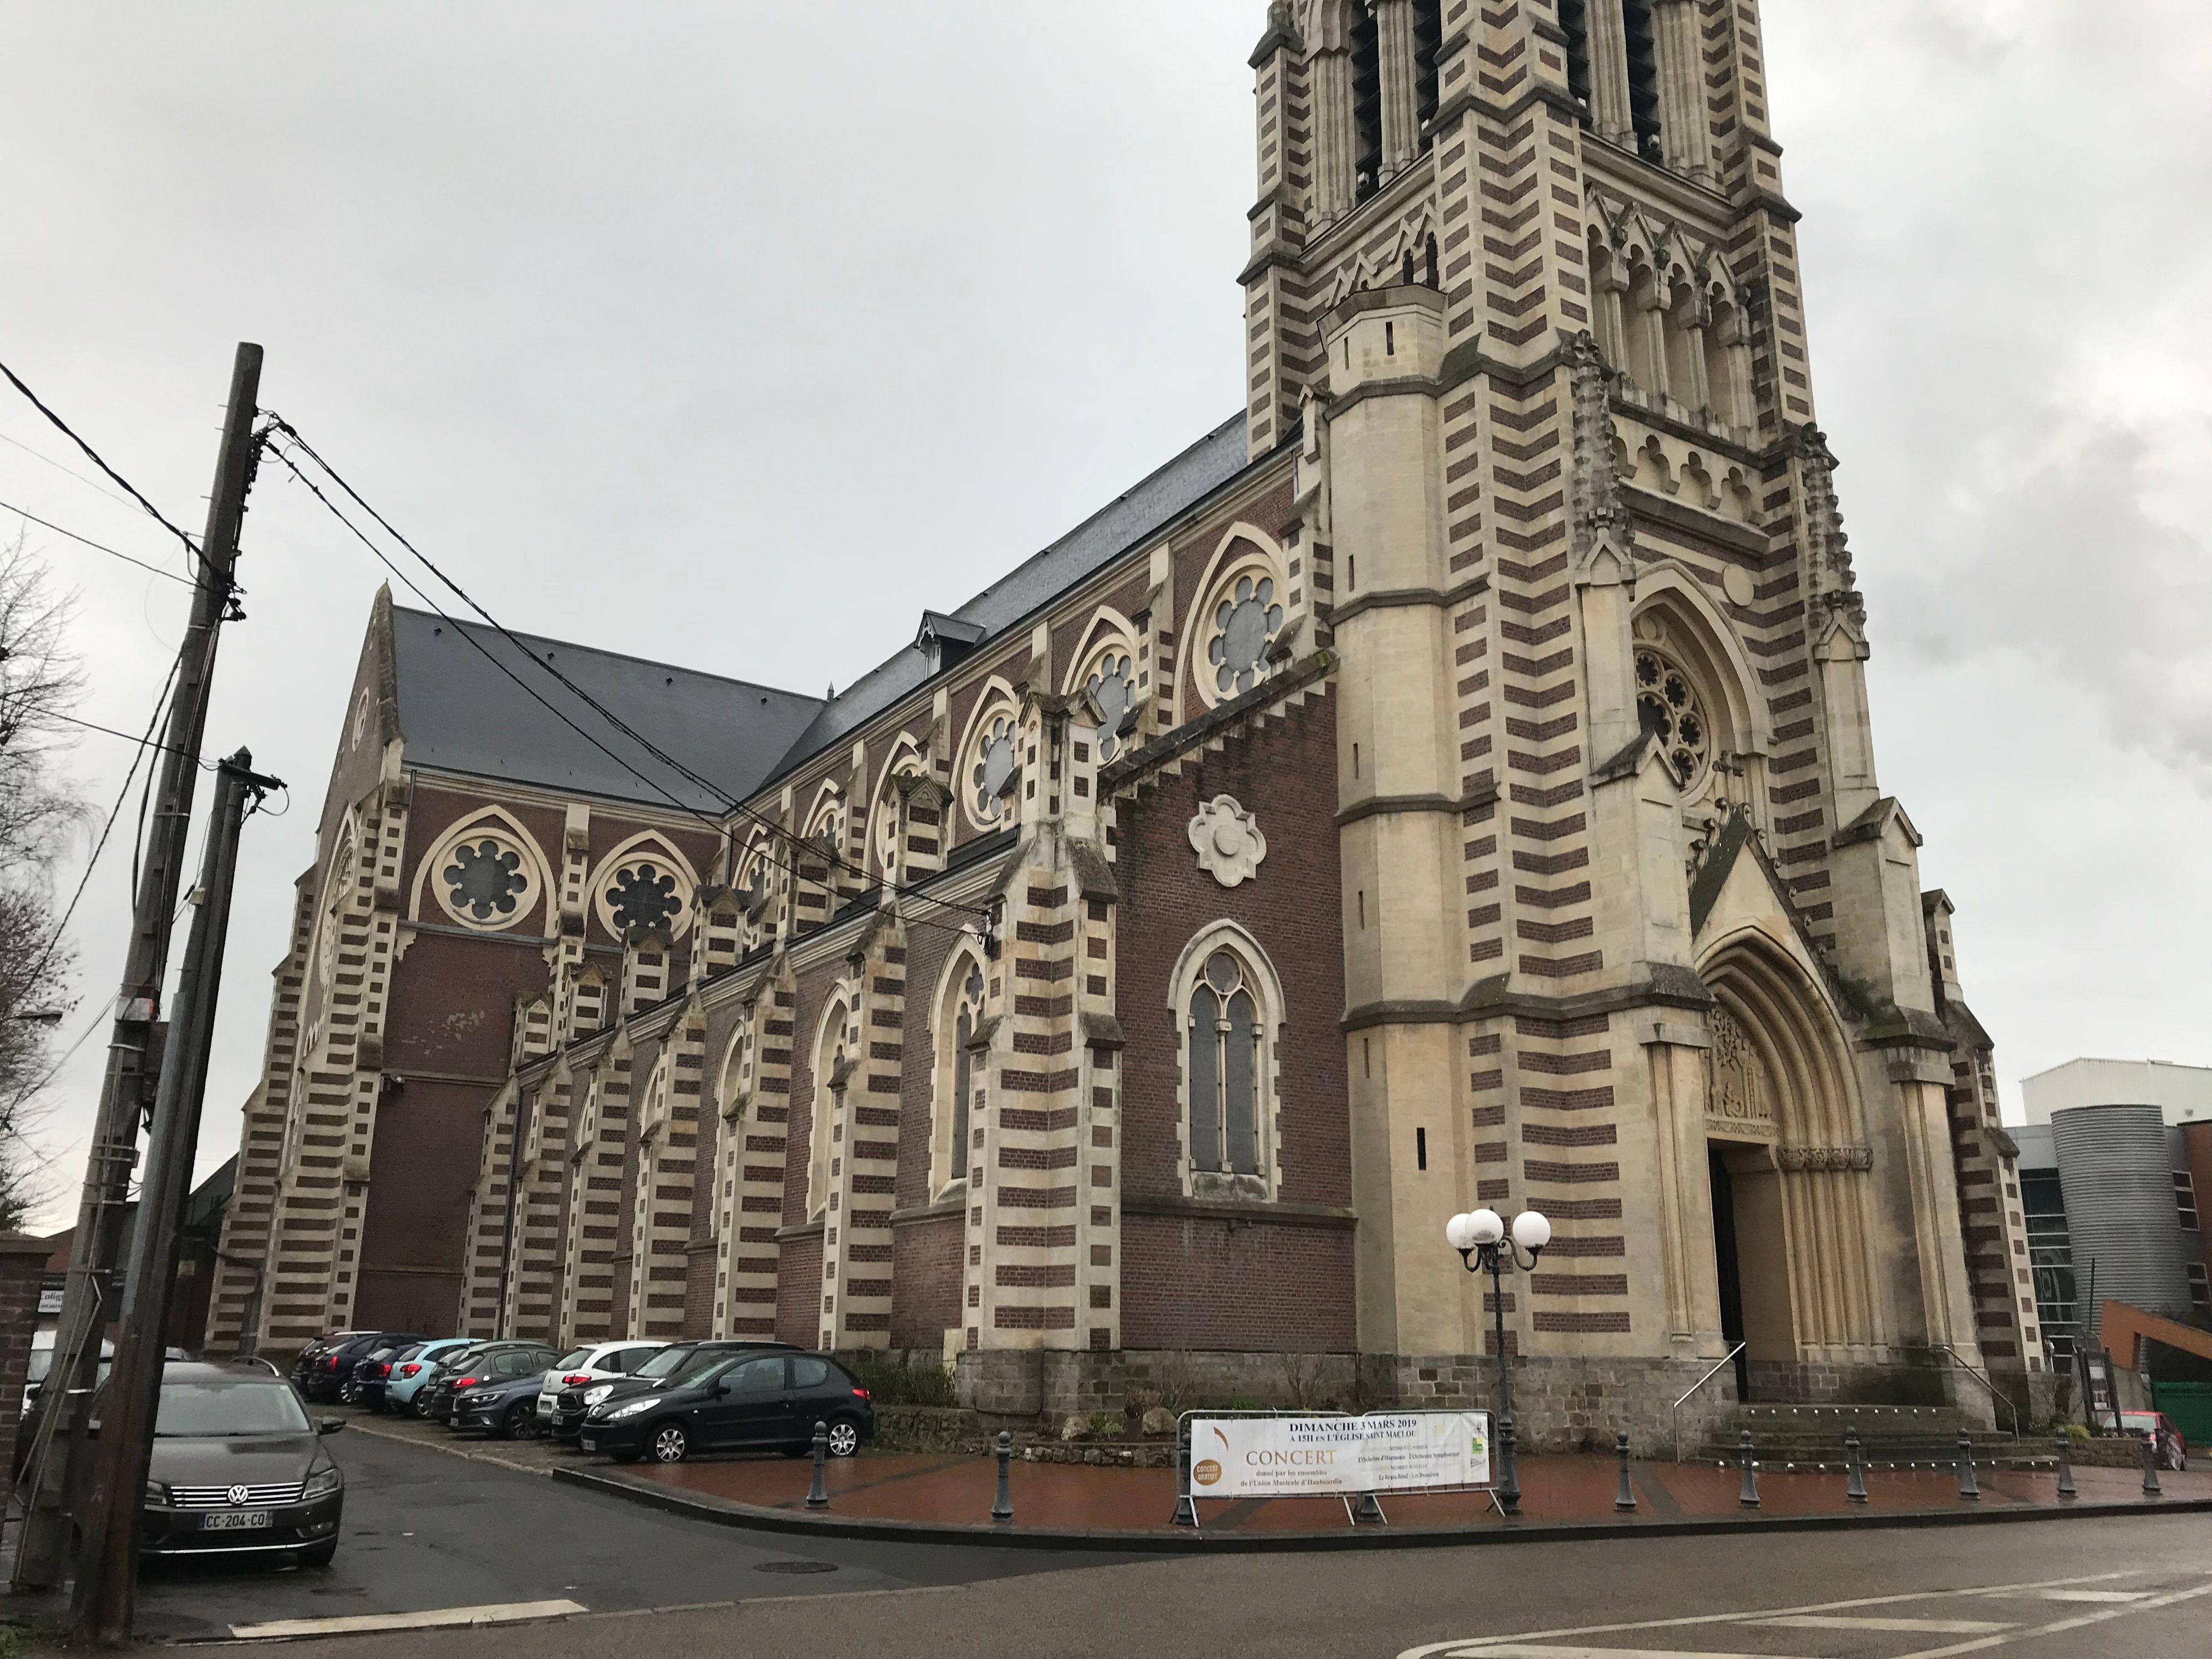 Eglise Saint-Maclou d'Haubourdin dans la métropole lilloise